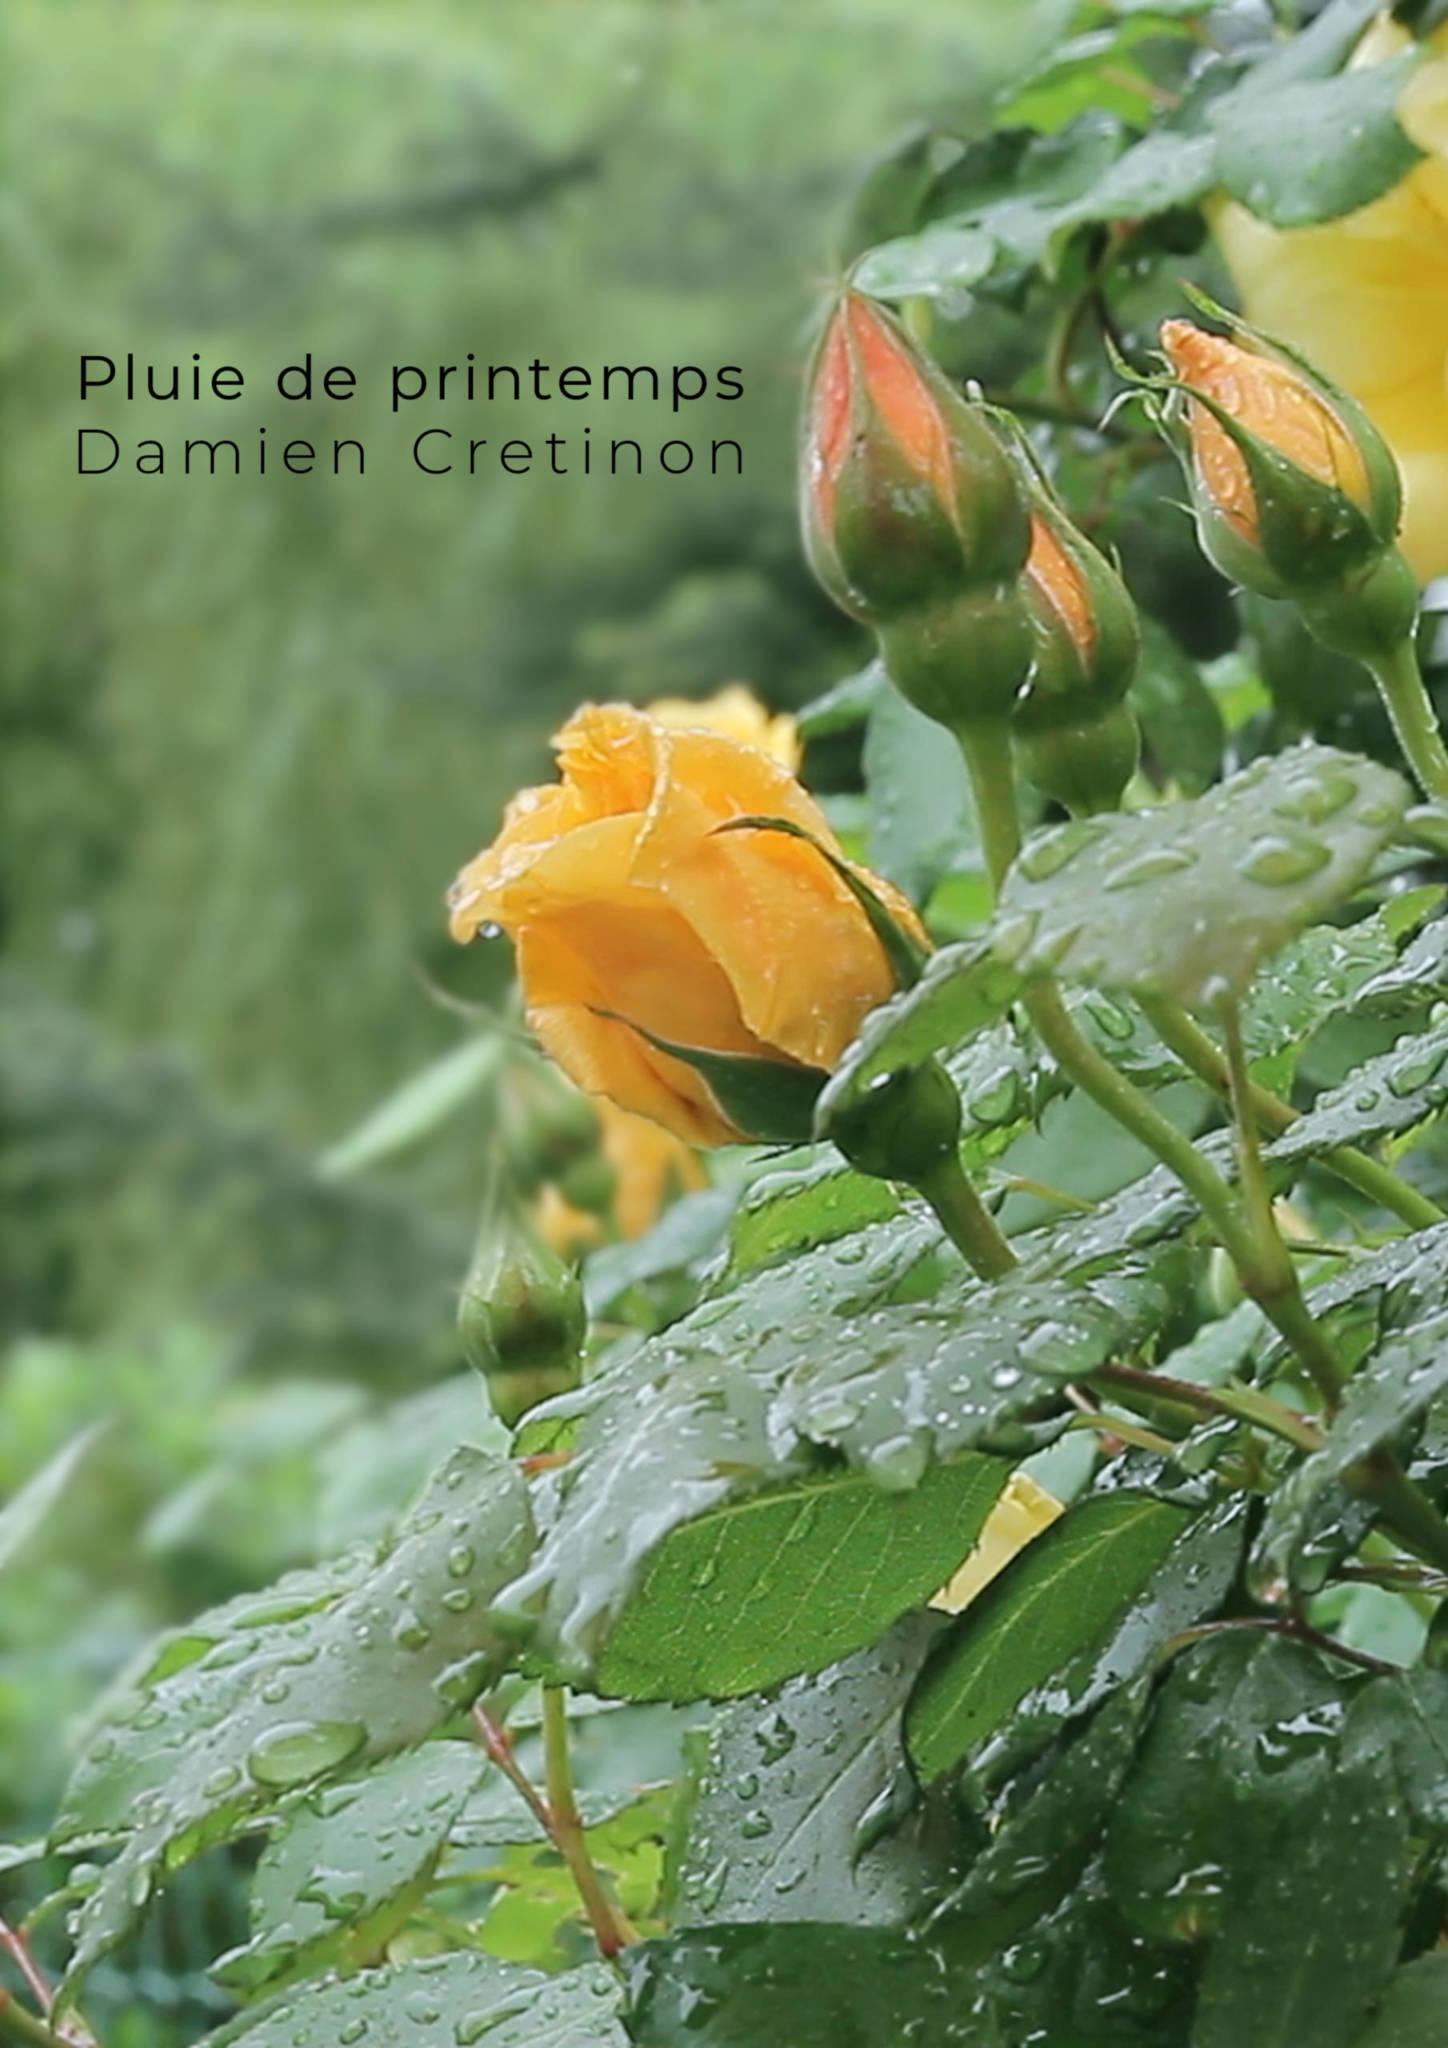 Pluie de printemps Affiche